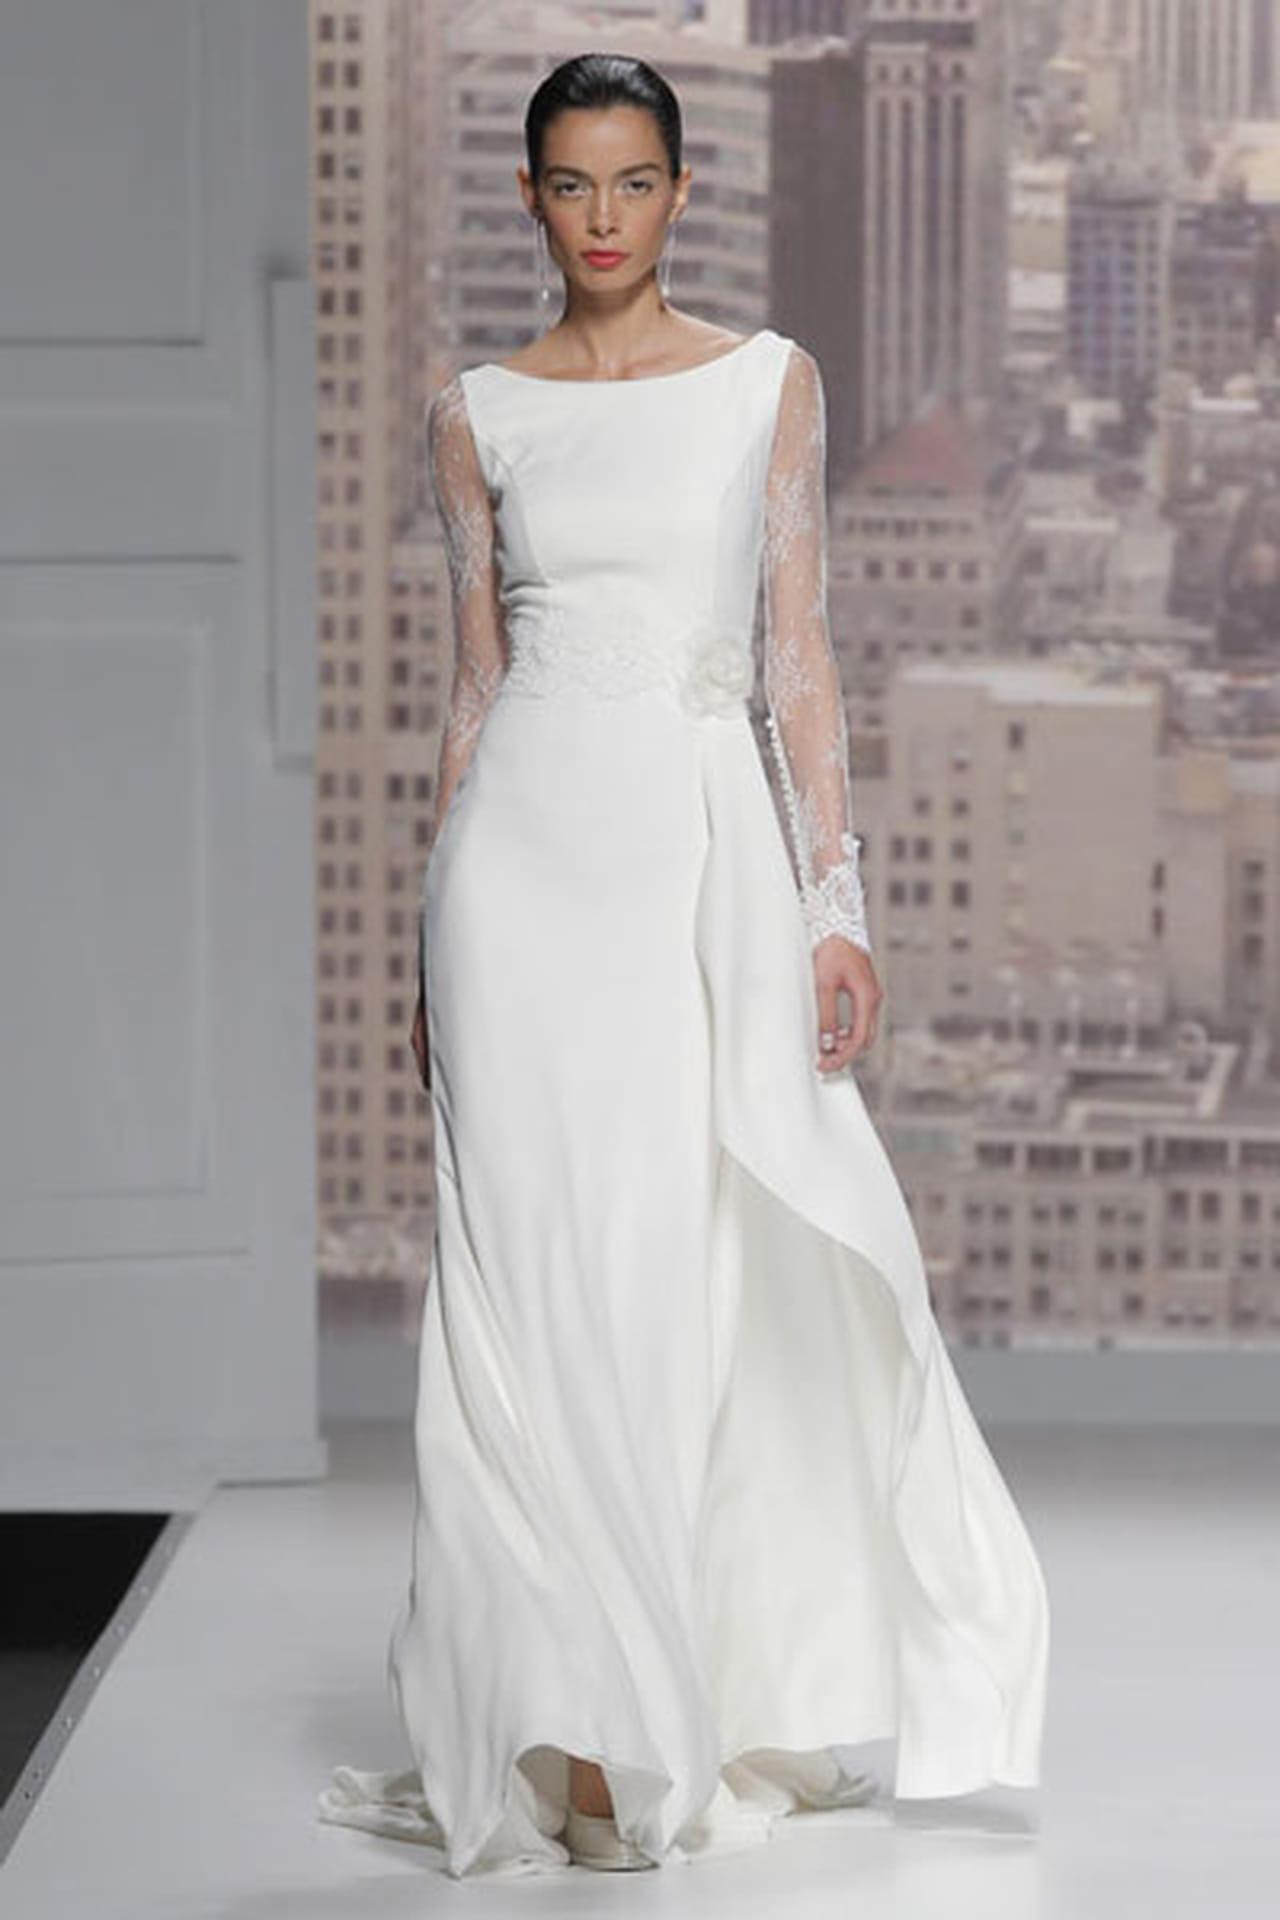 تصاميم حالمة في فساتين زفاف 820493